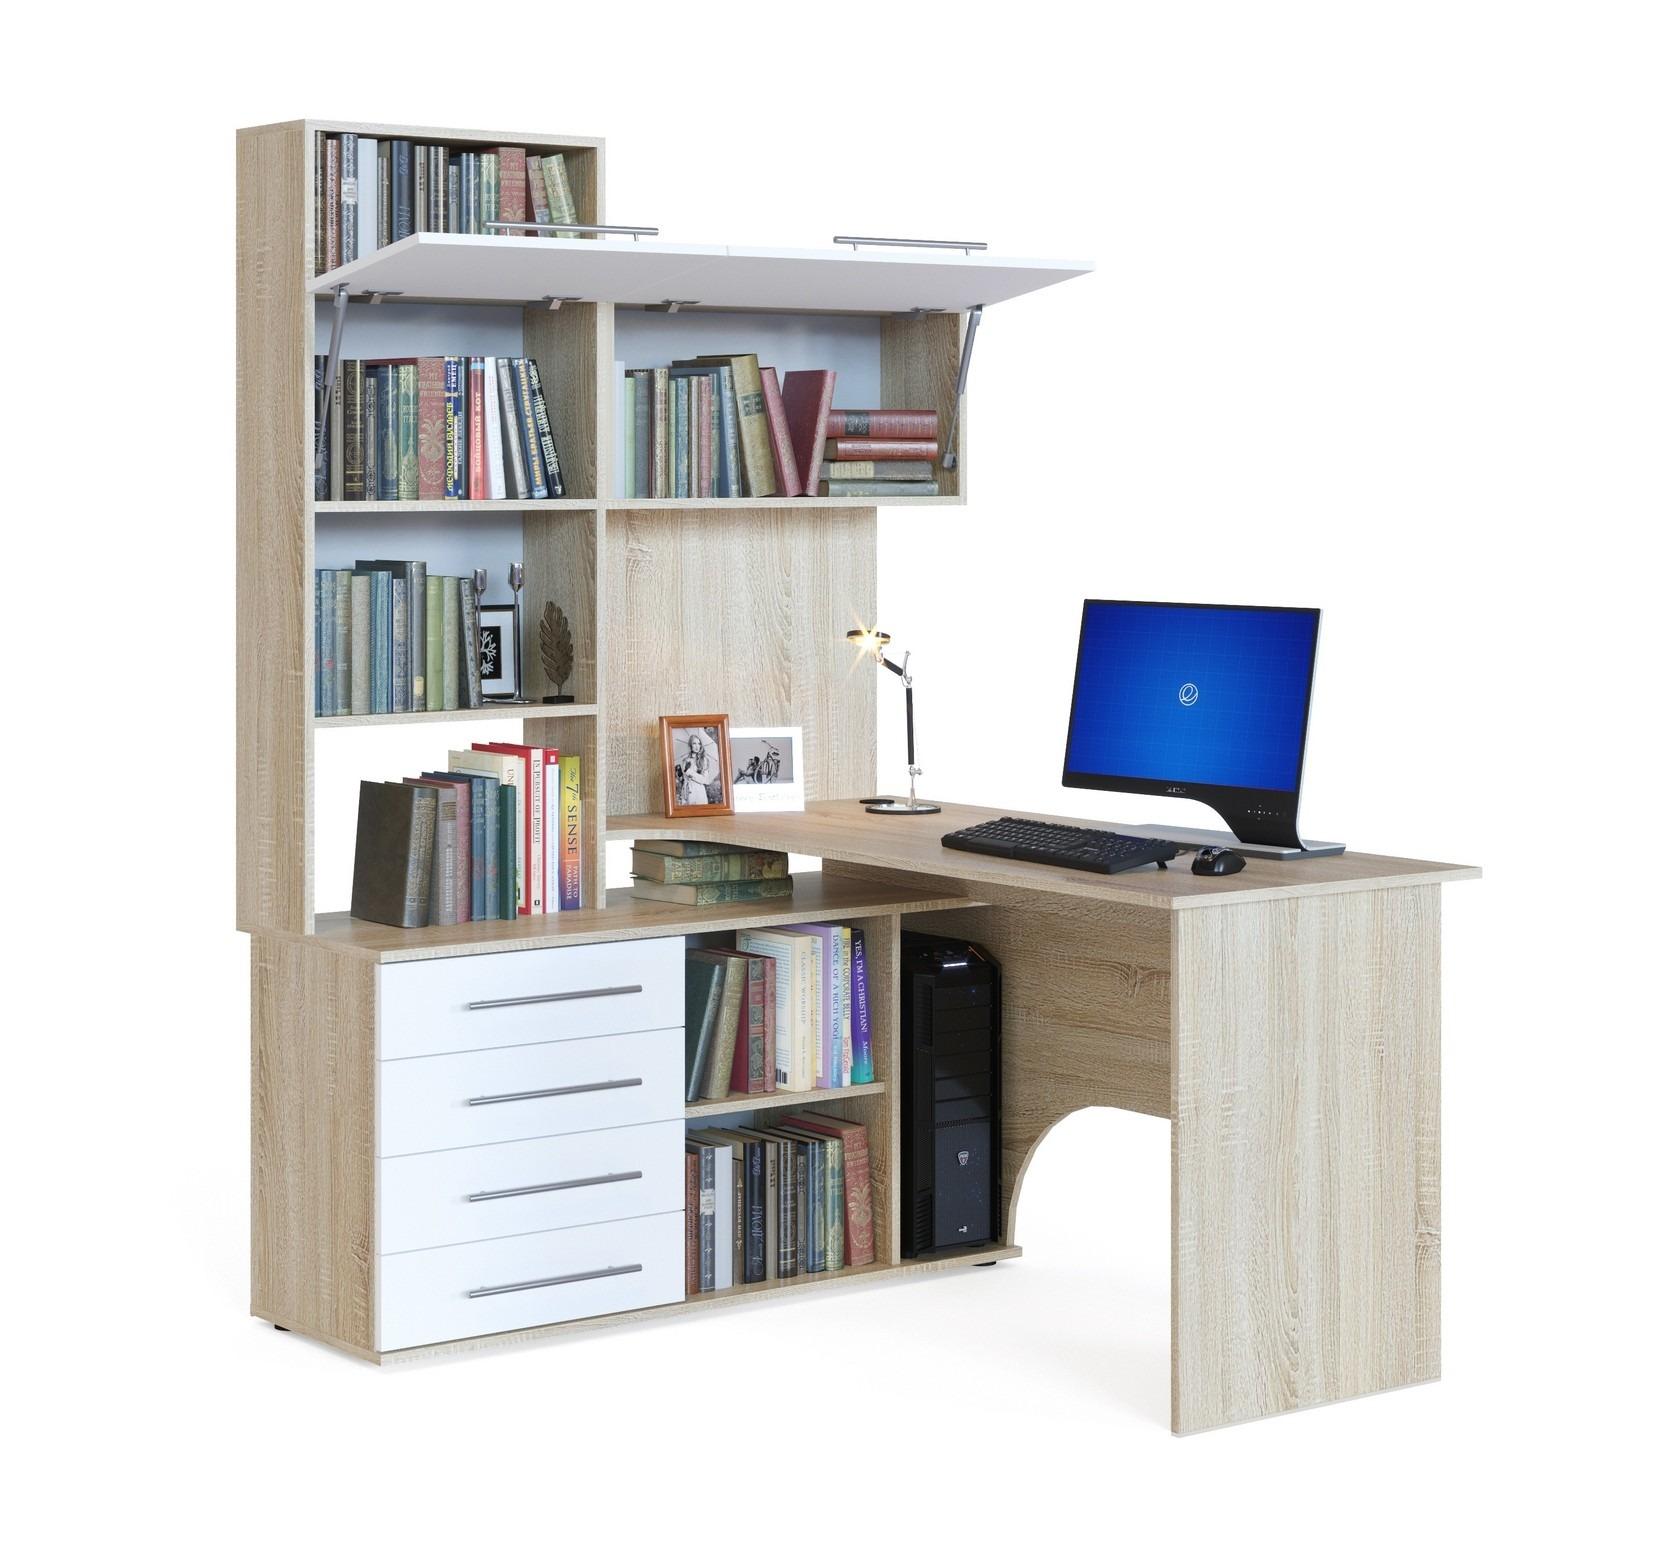 Компьютерный стол Бастон КСТ-14 Левый от Столплит